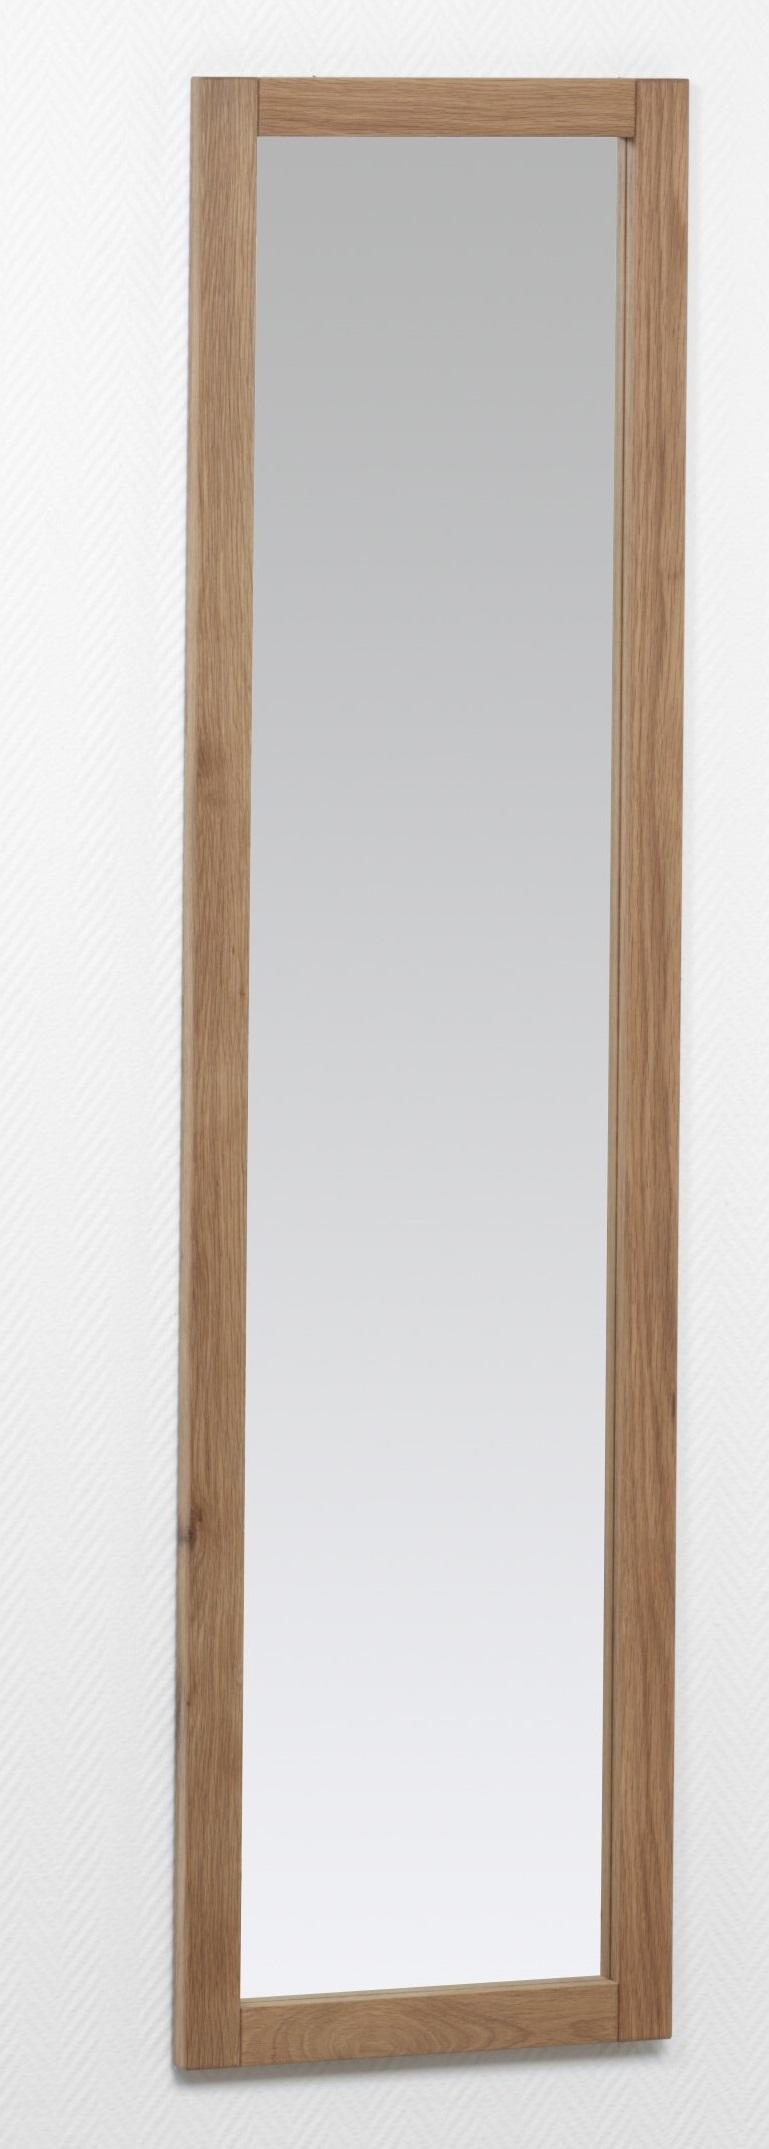 Jocke spegel